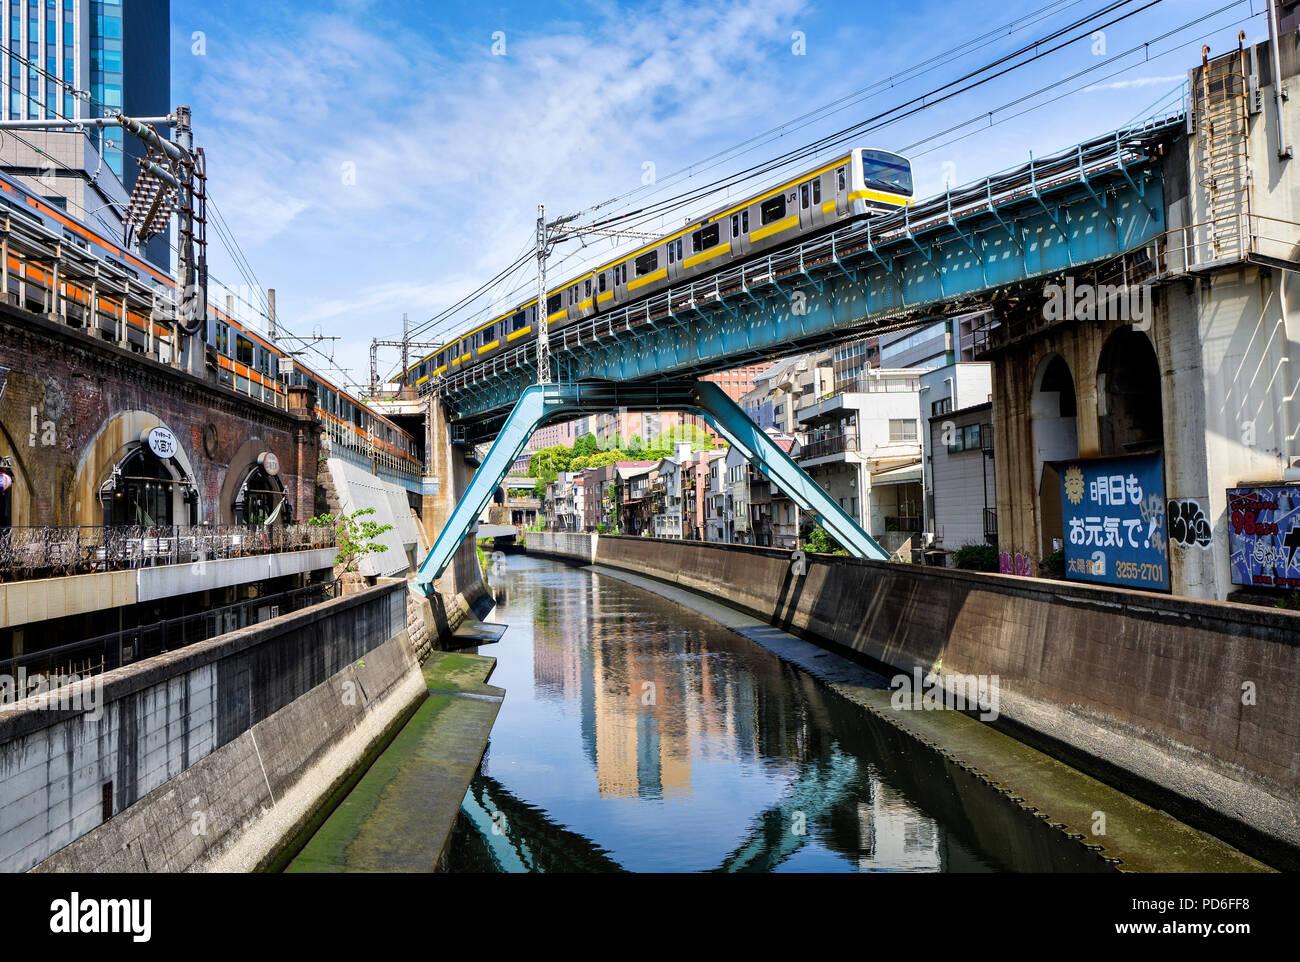 La isla de Japón, Honshu, Kanto, Tokio, líneas de ferrocarril a cruzar un río. Imagen De Stock